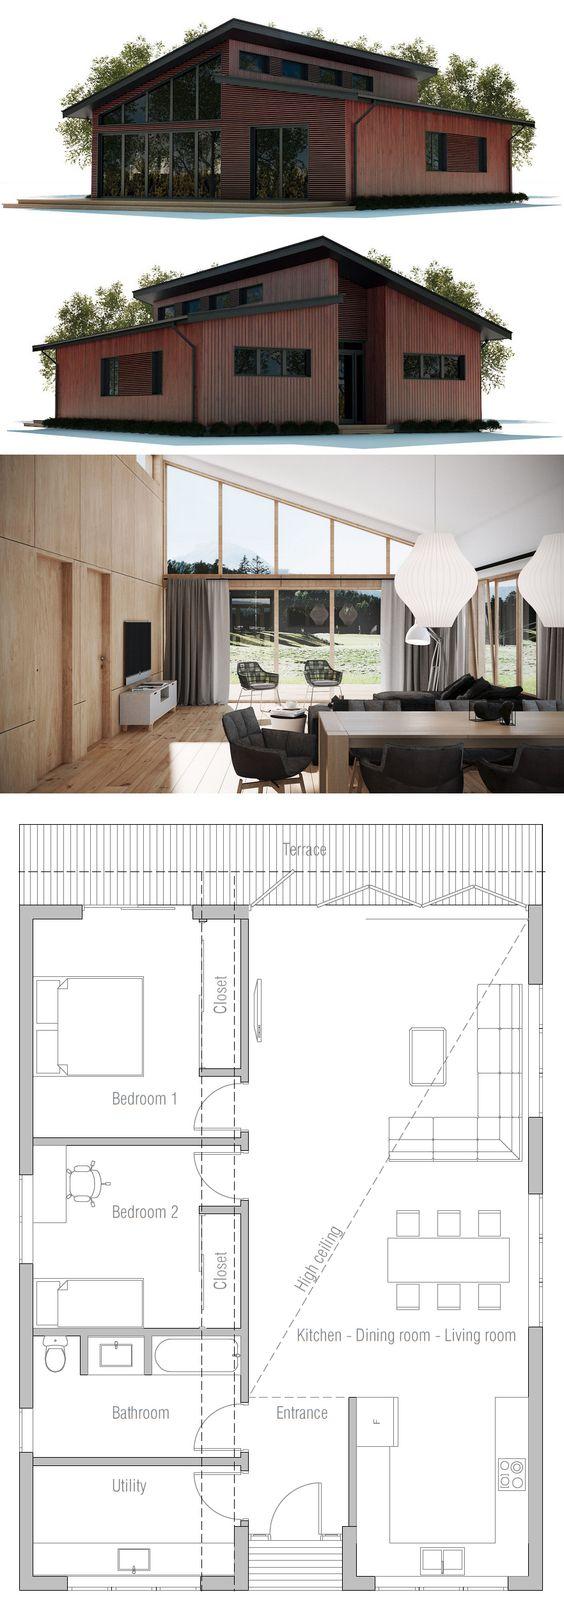 Haus-Plan, zwei Schlafzimmer Homepage steht Home Pinterest ... size: 564 x 1615 post ID: 3 File size: 0 B